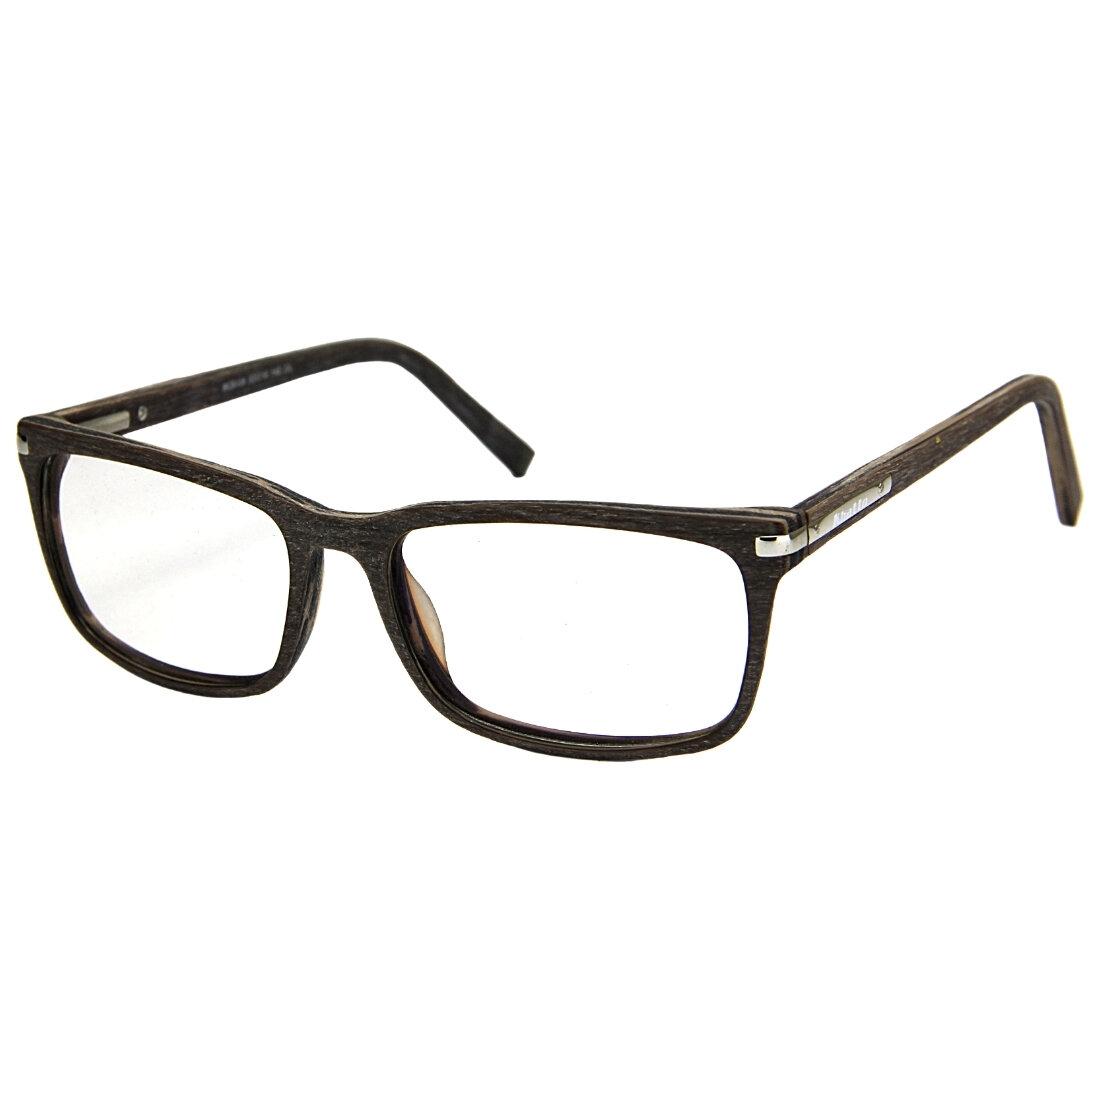 Armação de Óculos Khatto Madeira Square Cool - C030